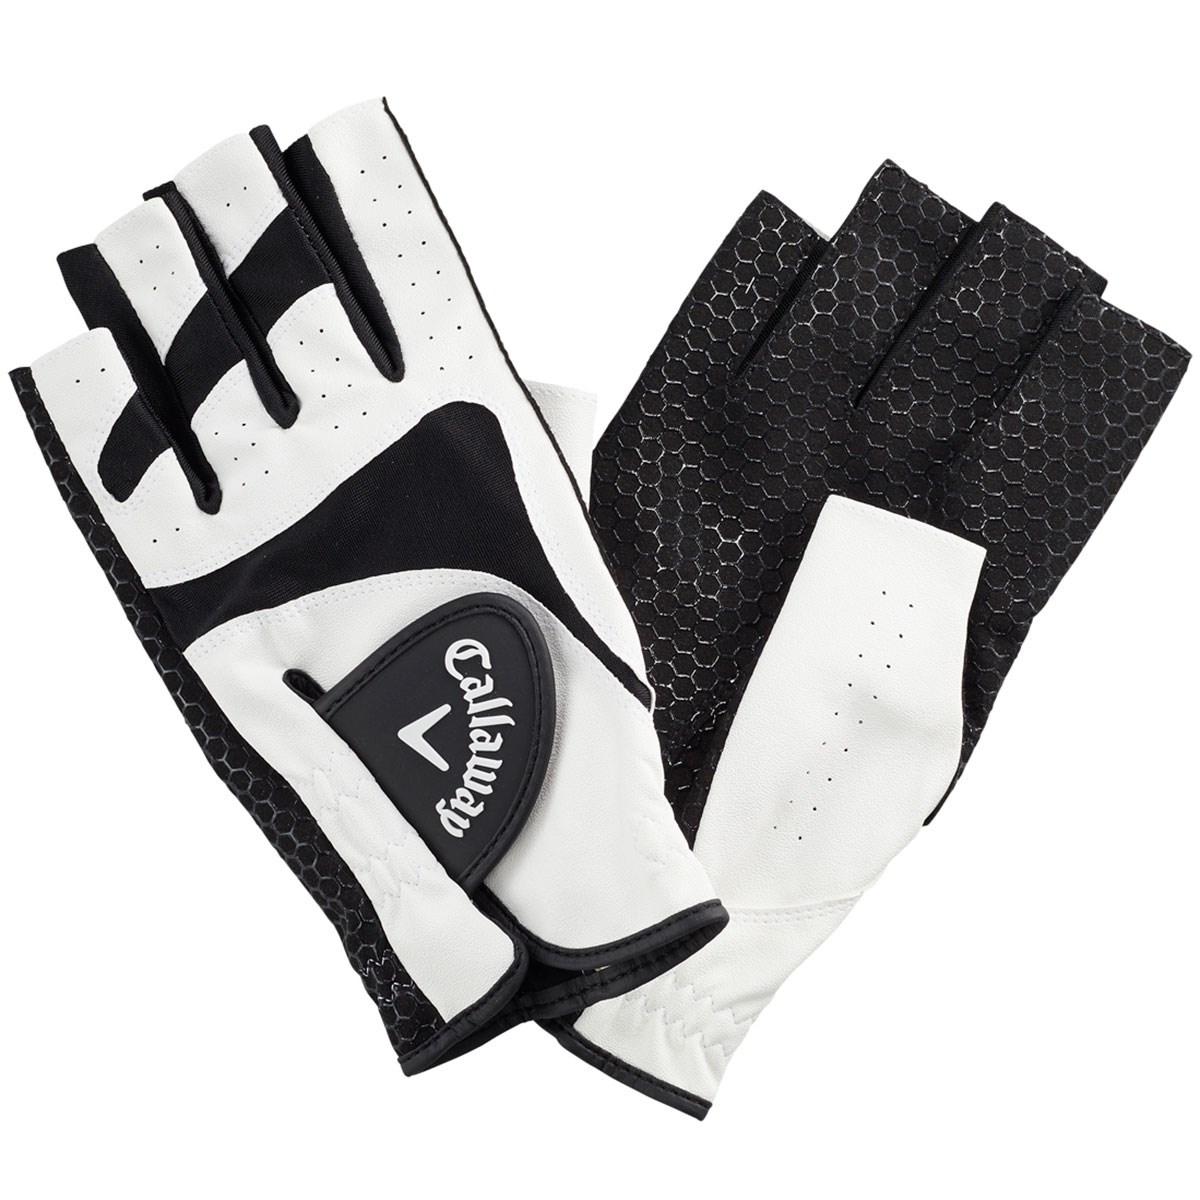 キャロウェイゴルフ(Callaway Golf) CPG Sport Dual OF パークゴルフ用 指先ショートタイプ グローブ 両手用